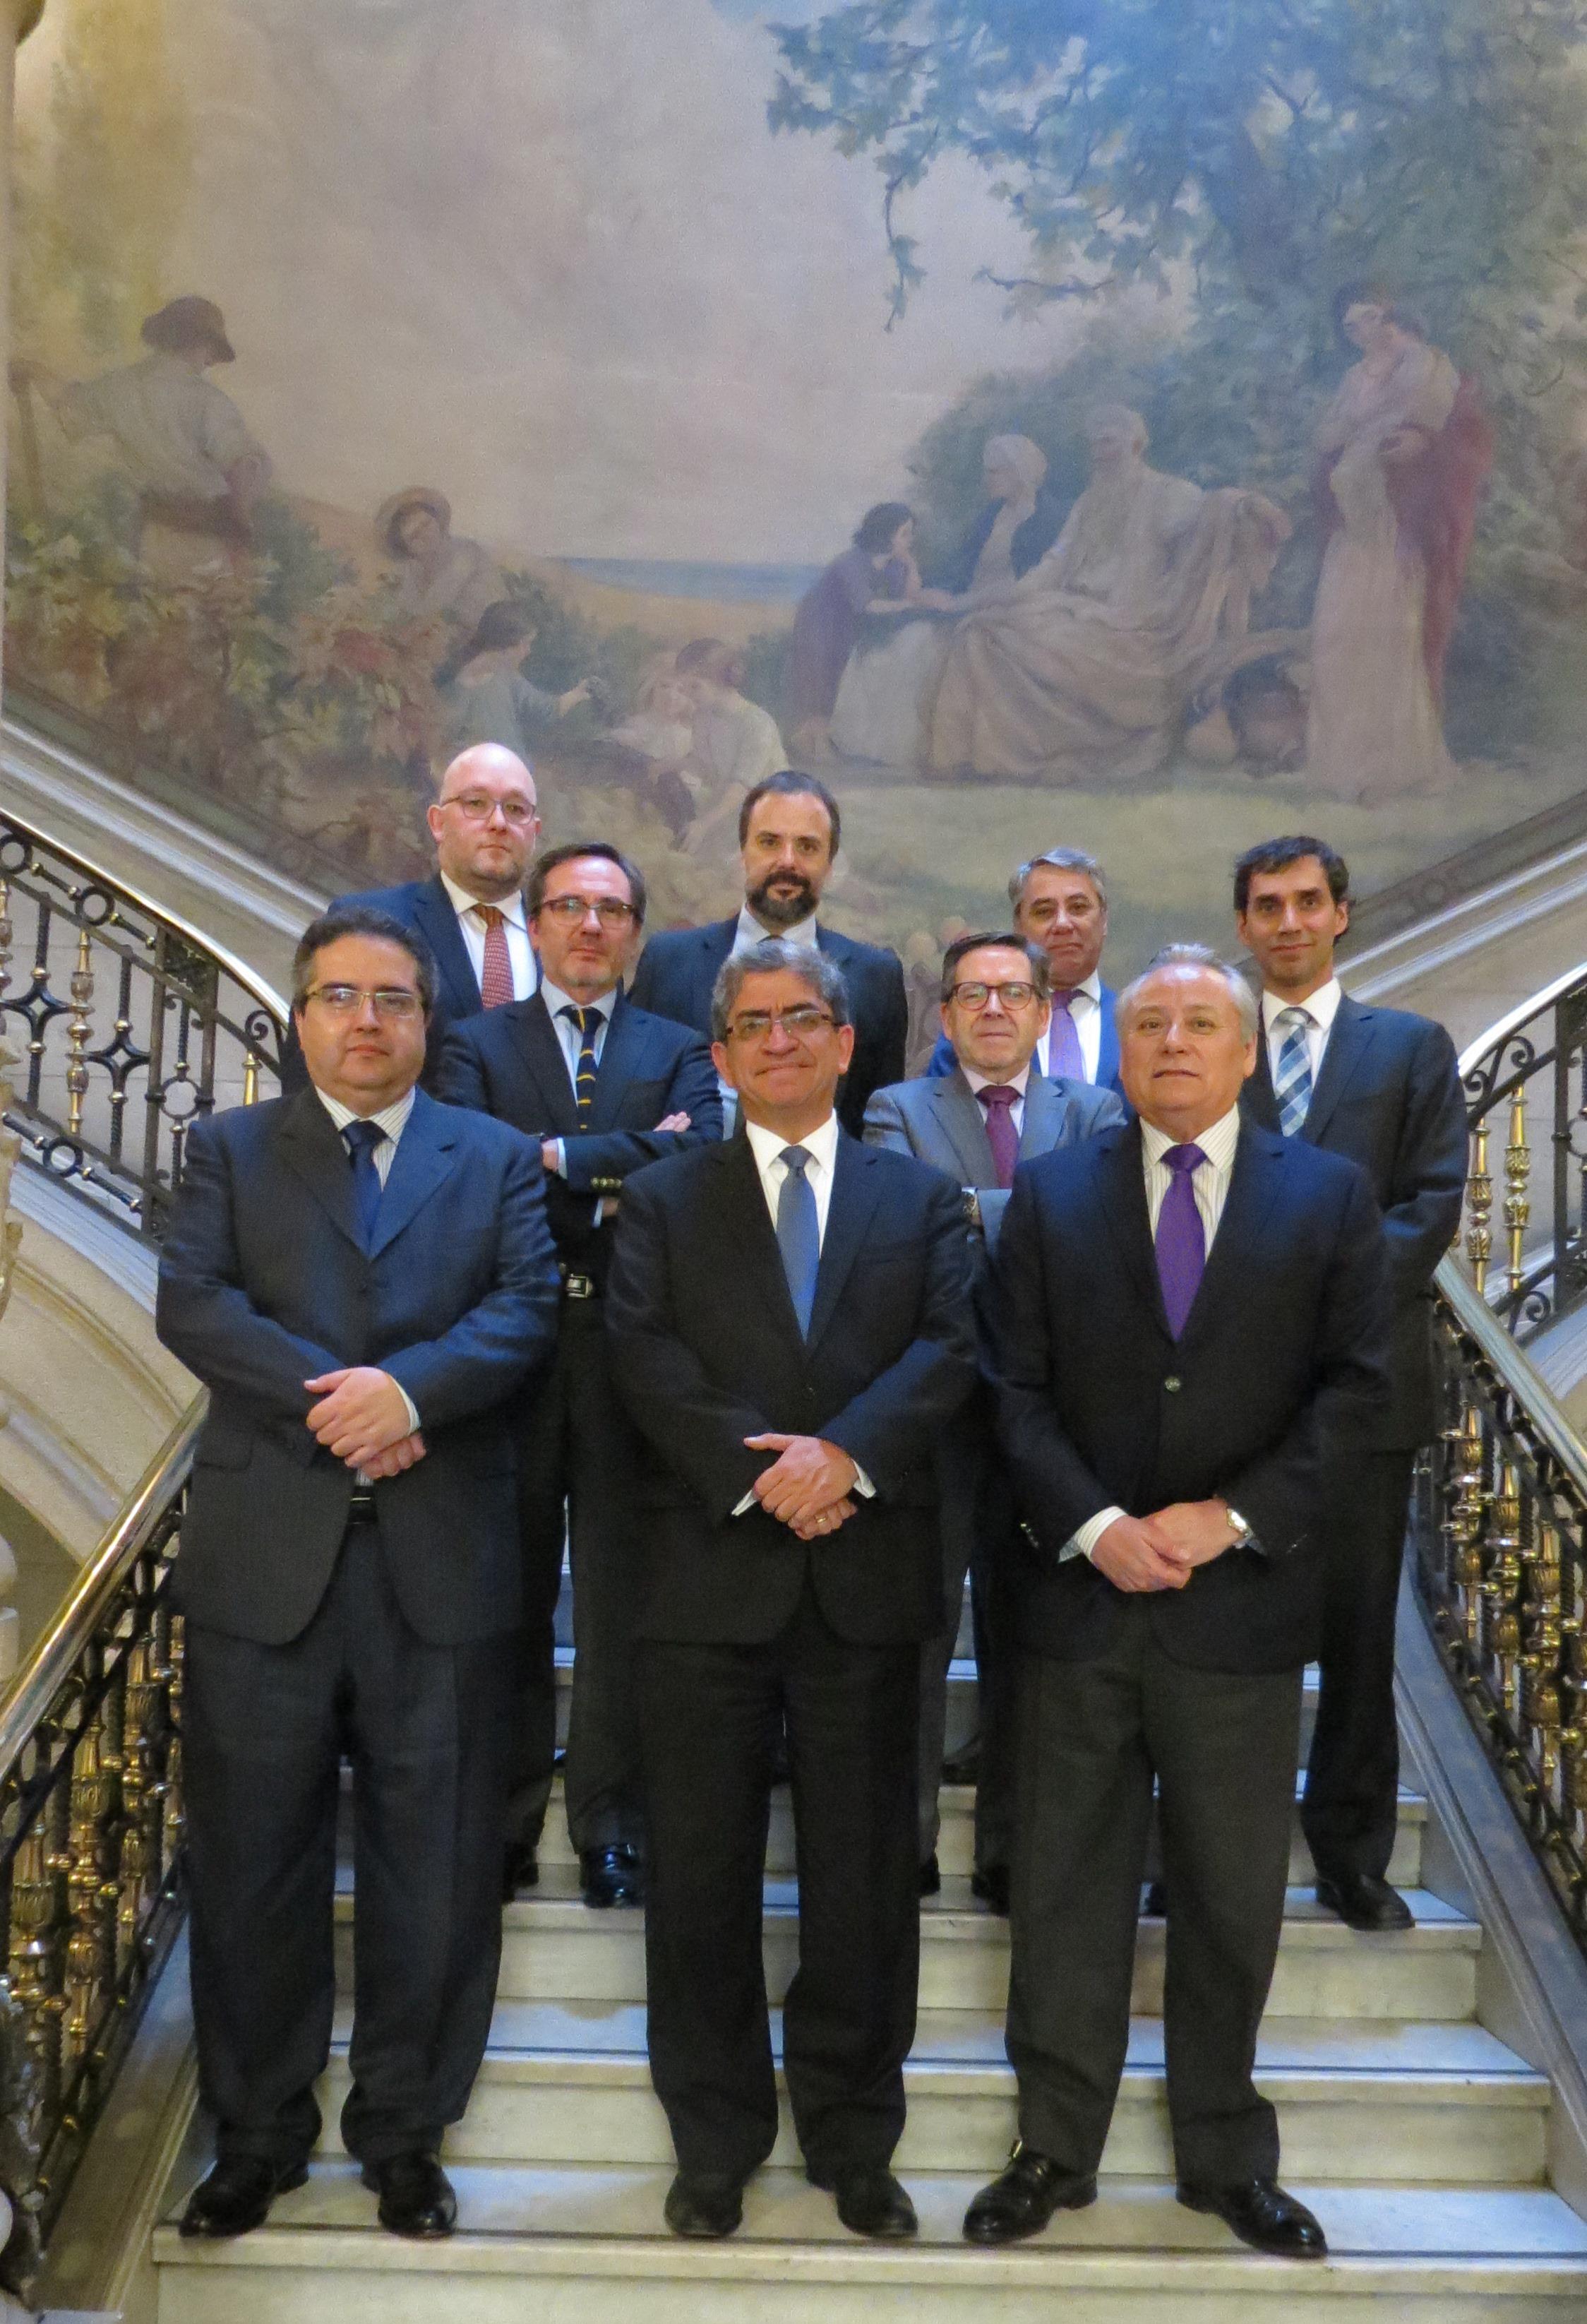 Pleno recibió al señor José Luis Sardón de Taboada, Magistrado del Tribunal Constitucional del Perú